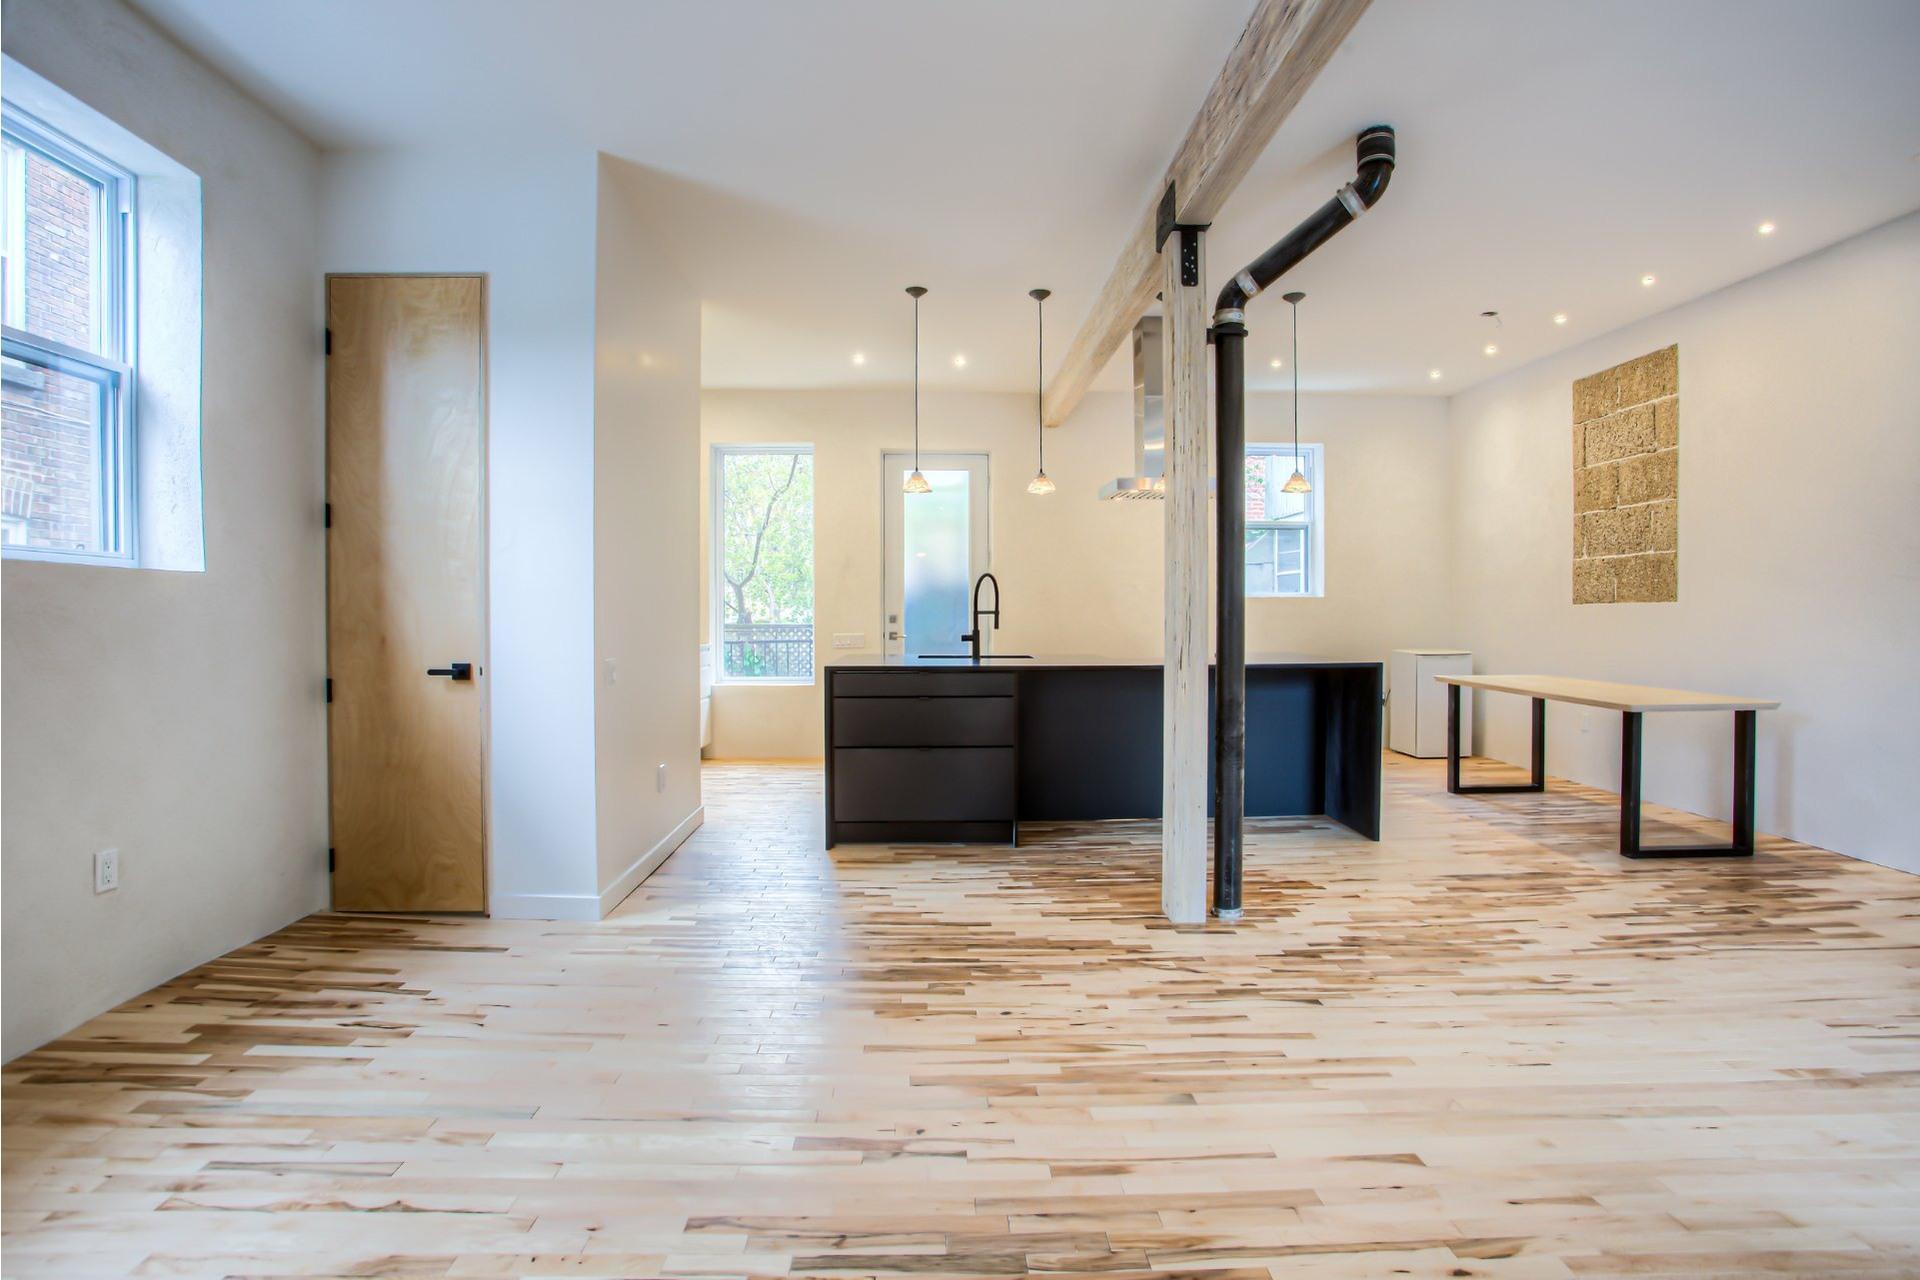 image 12 - Duplex À vendre Mercier/Hochelaga-Maisonneuve Montréal  - 4 pièces